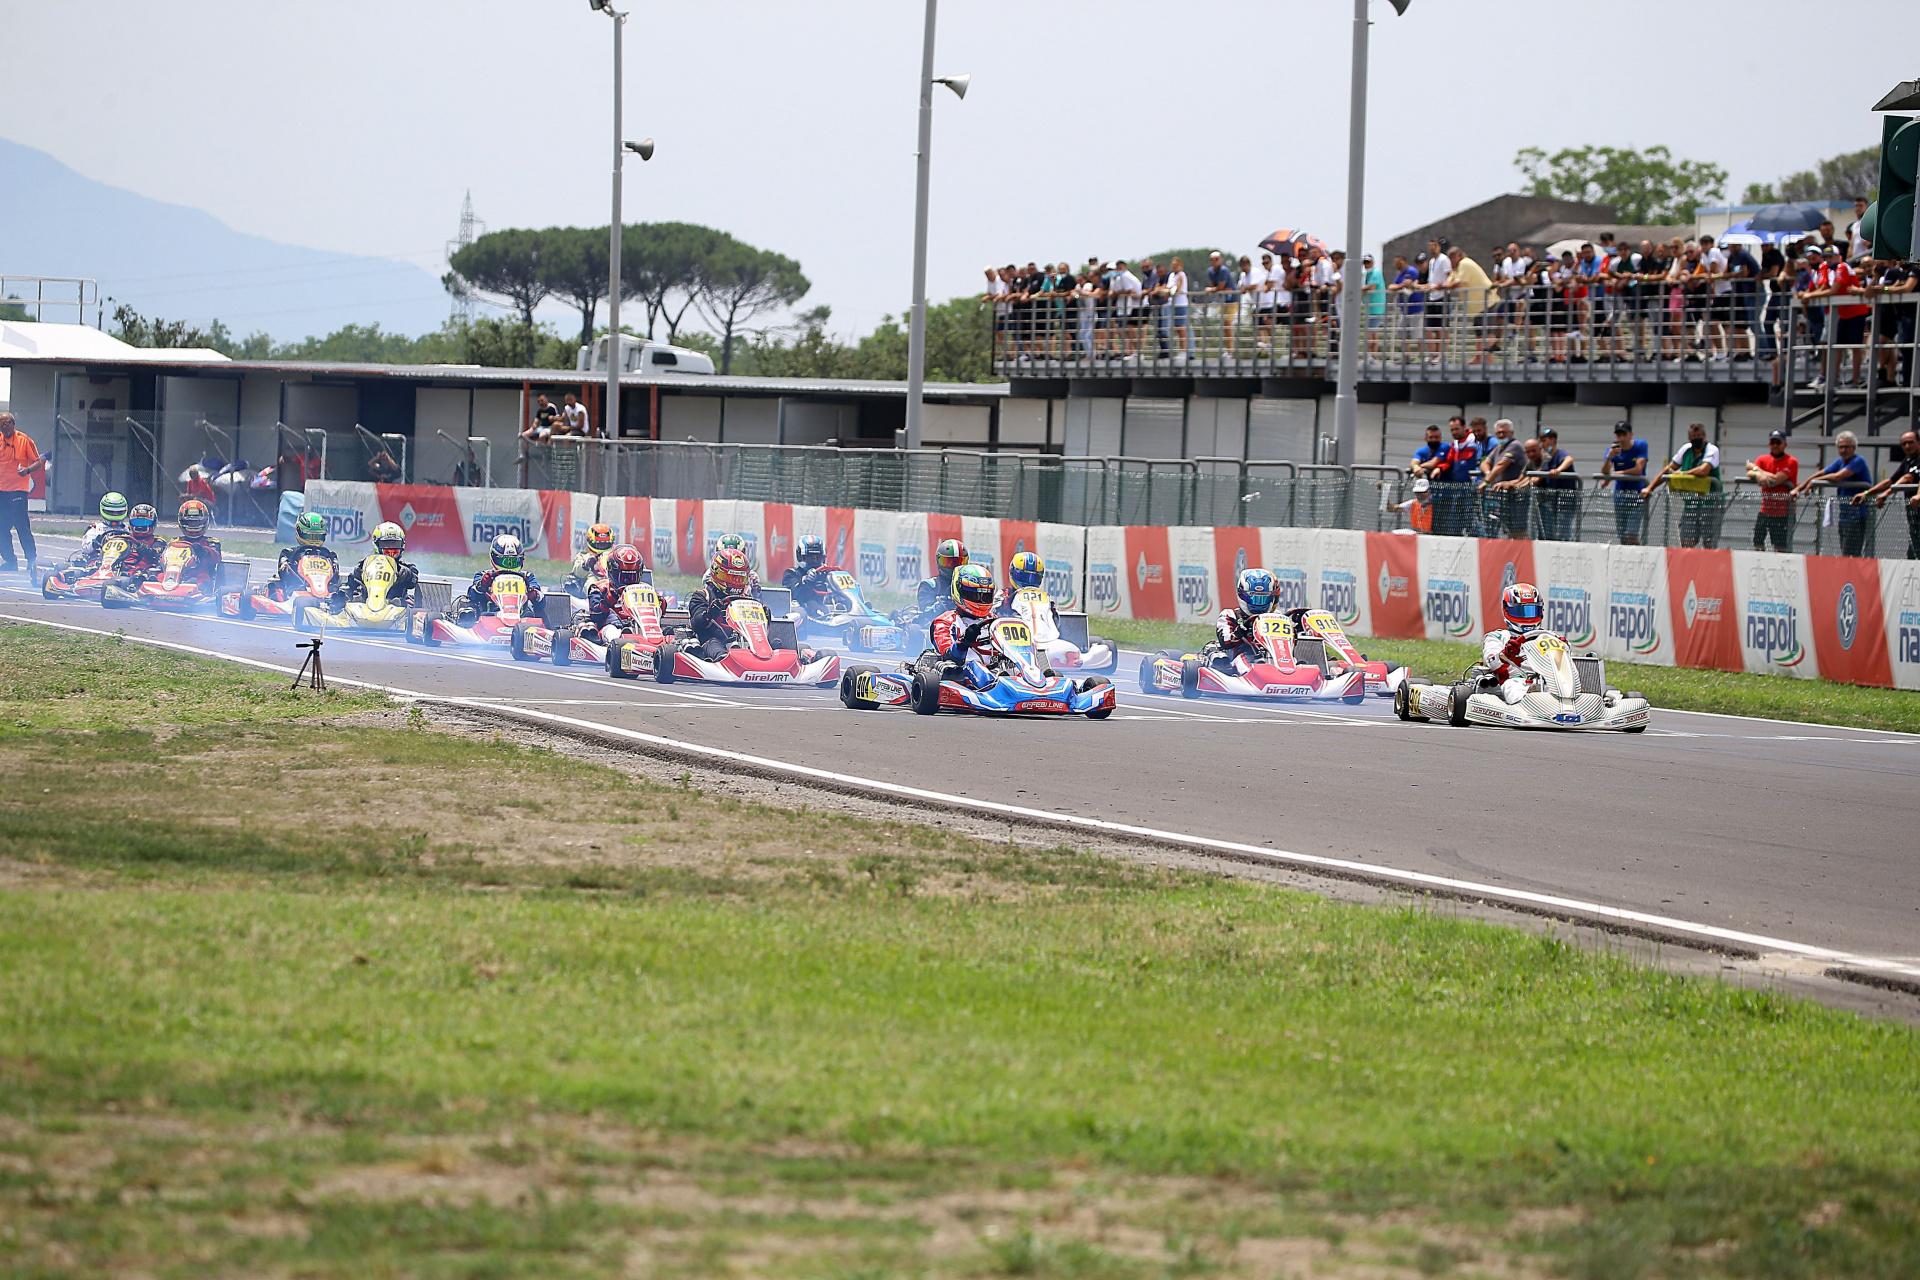 A La Conca il 4 luglio la sesta prova del Campionato Italiano ACI Karting.